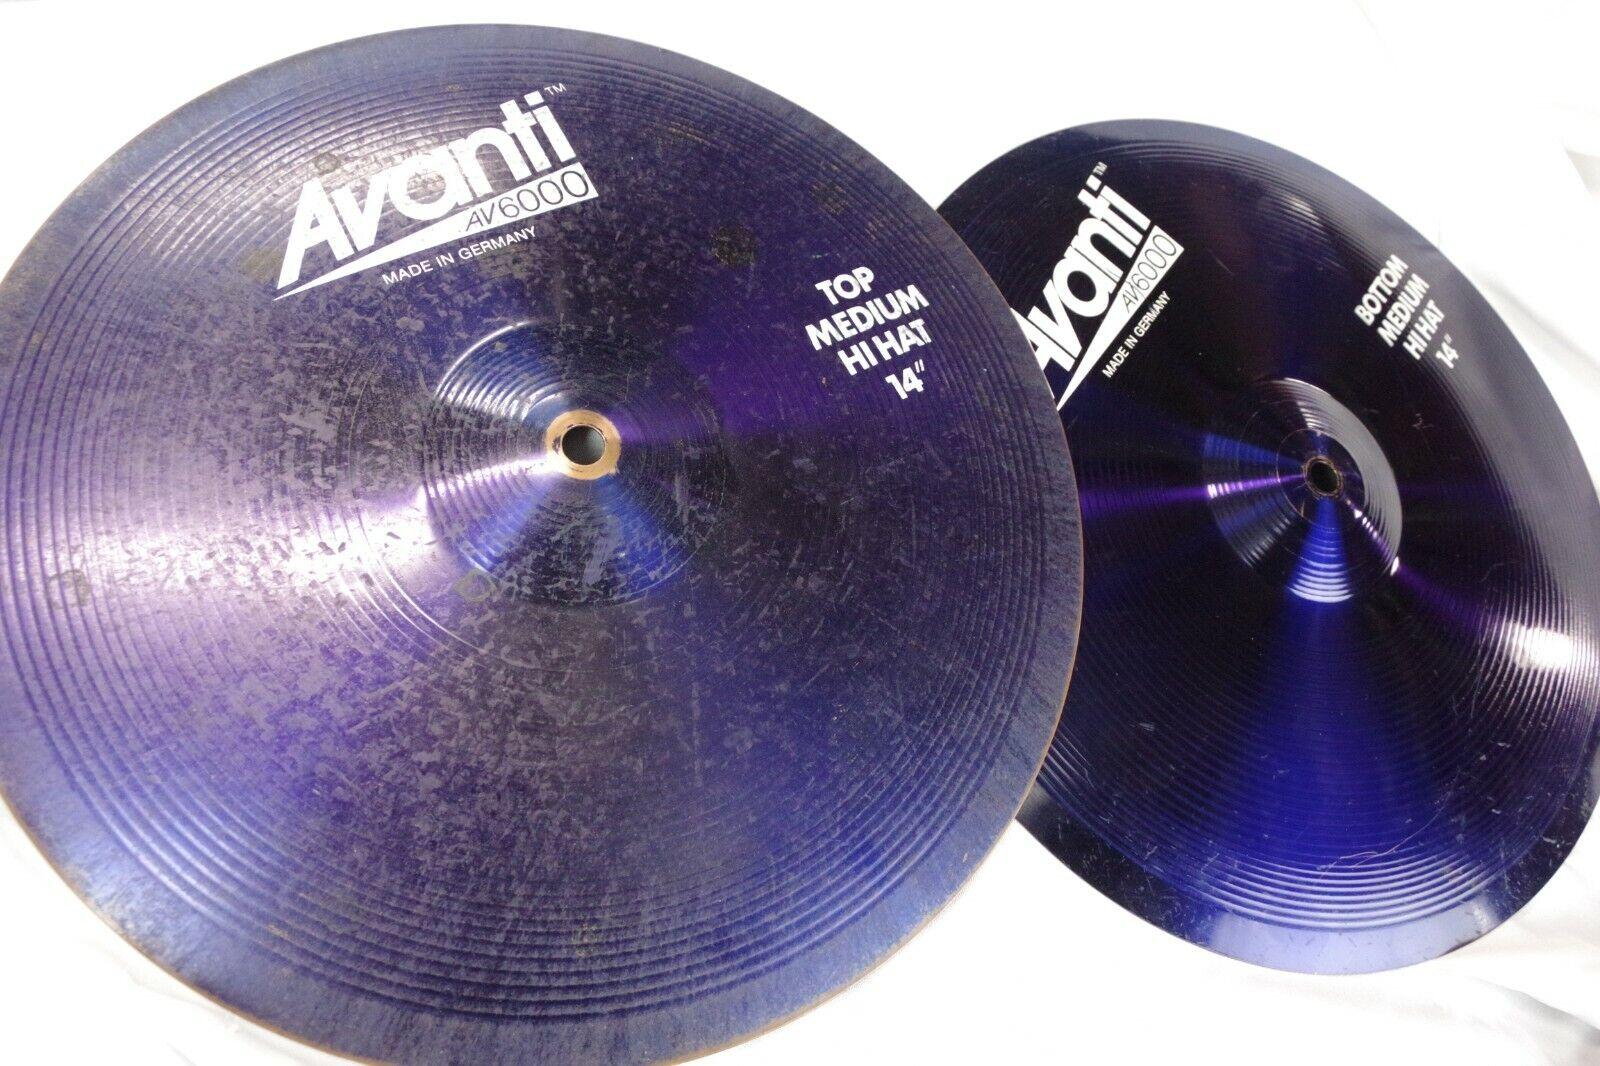 Avanti Blau colbalt 14 hi-hat cymbal Meinl Paiste